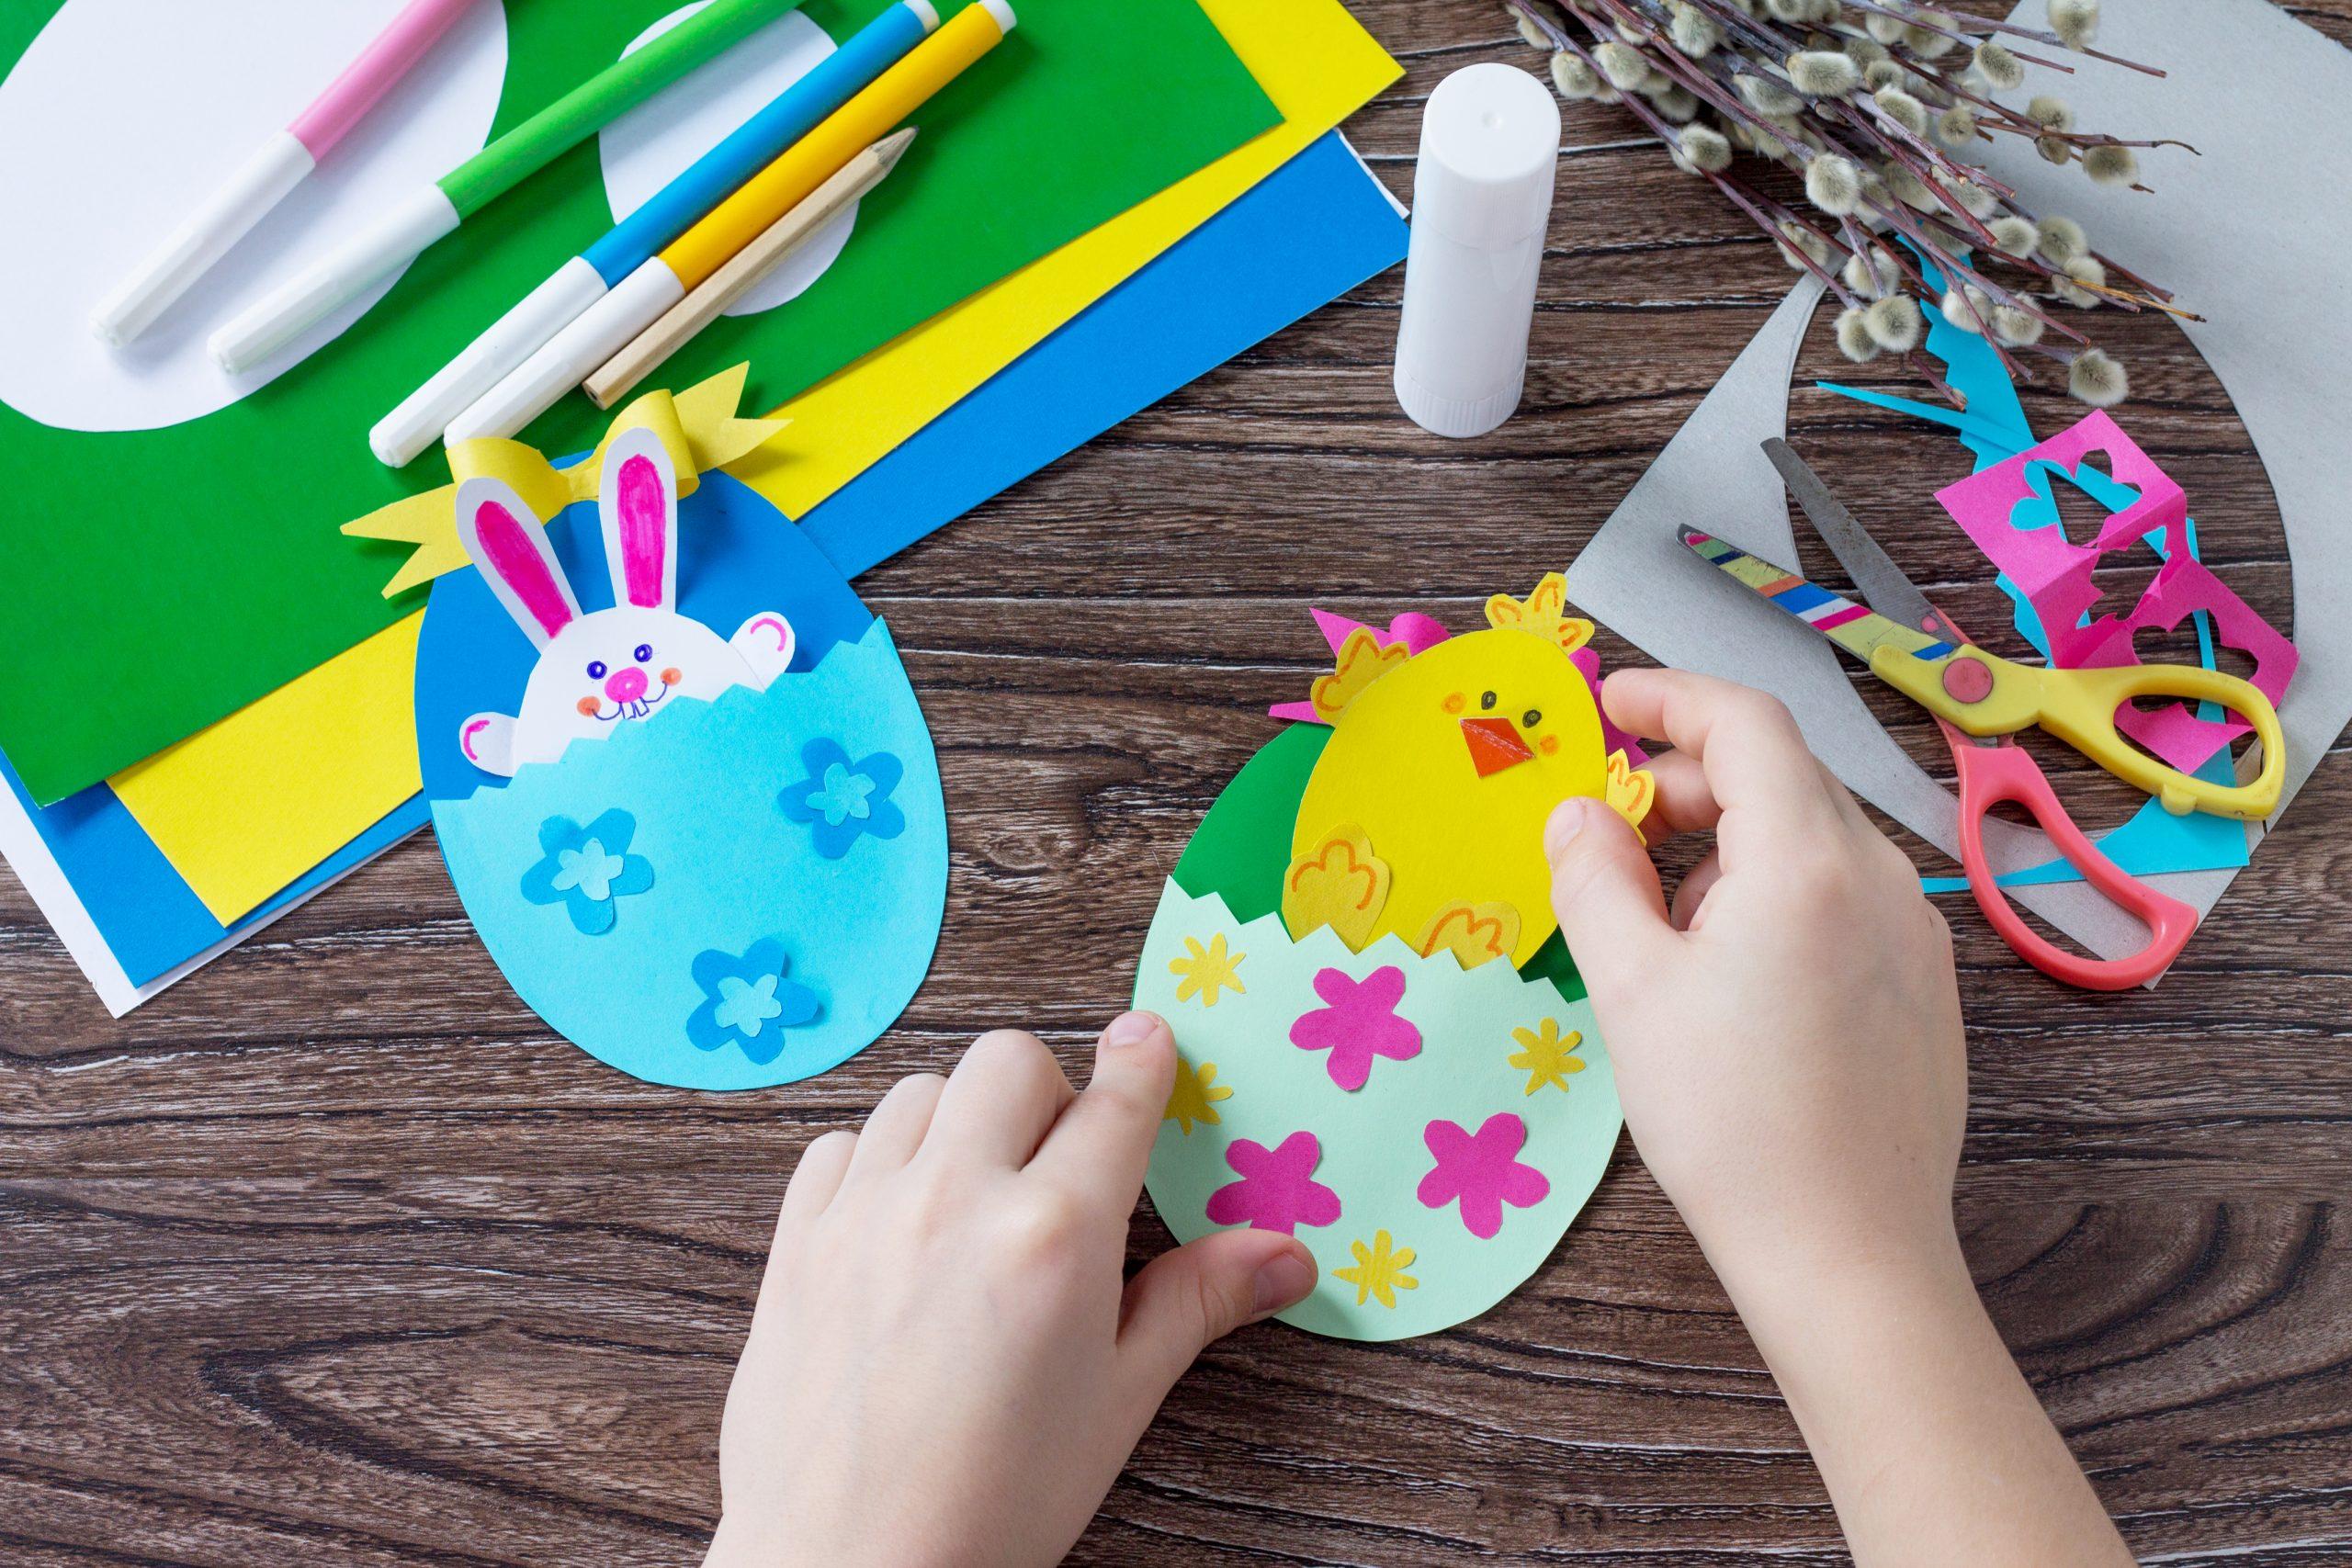 Egedal Bibliotekerne uddeler krea-poser til påsken